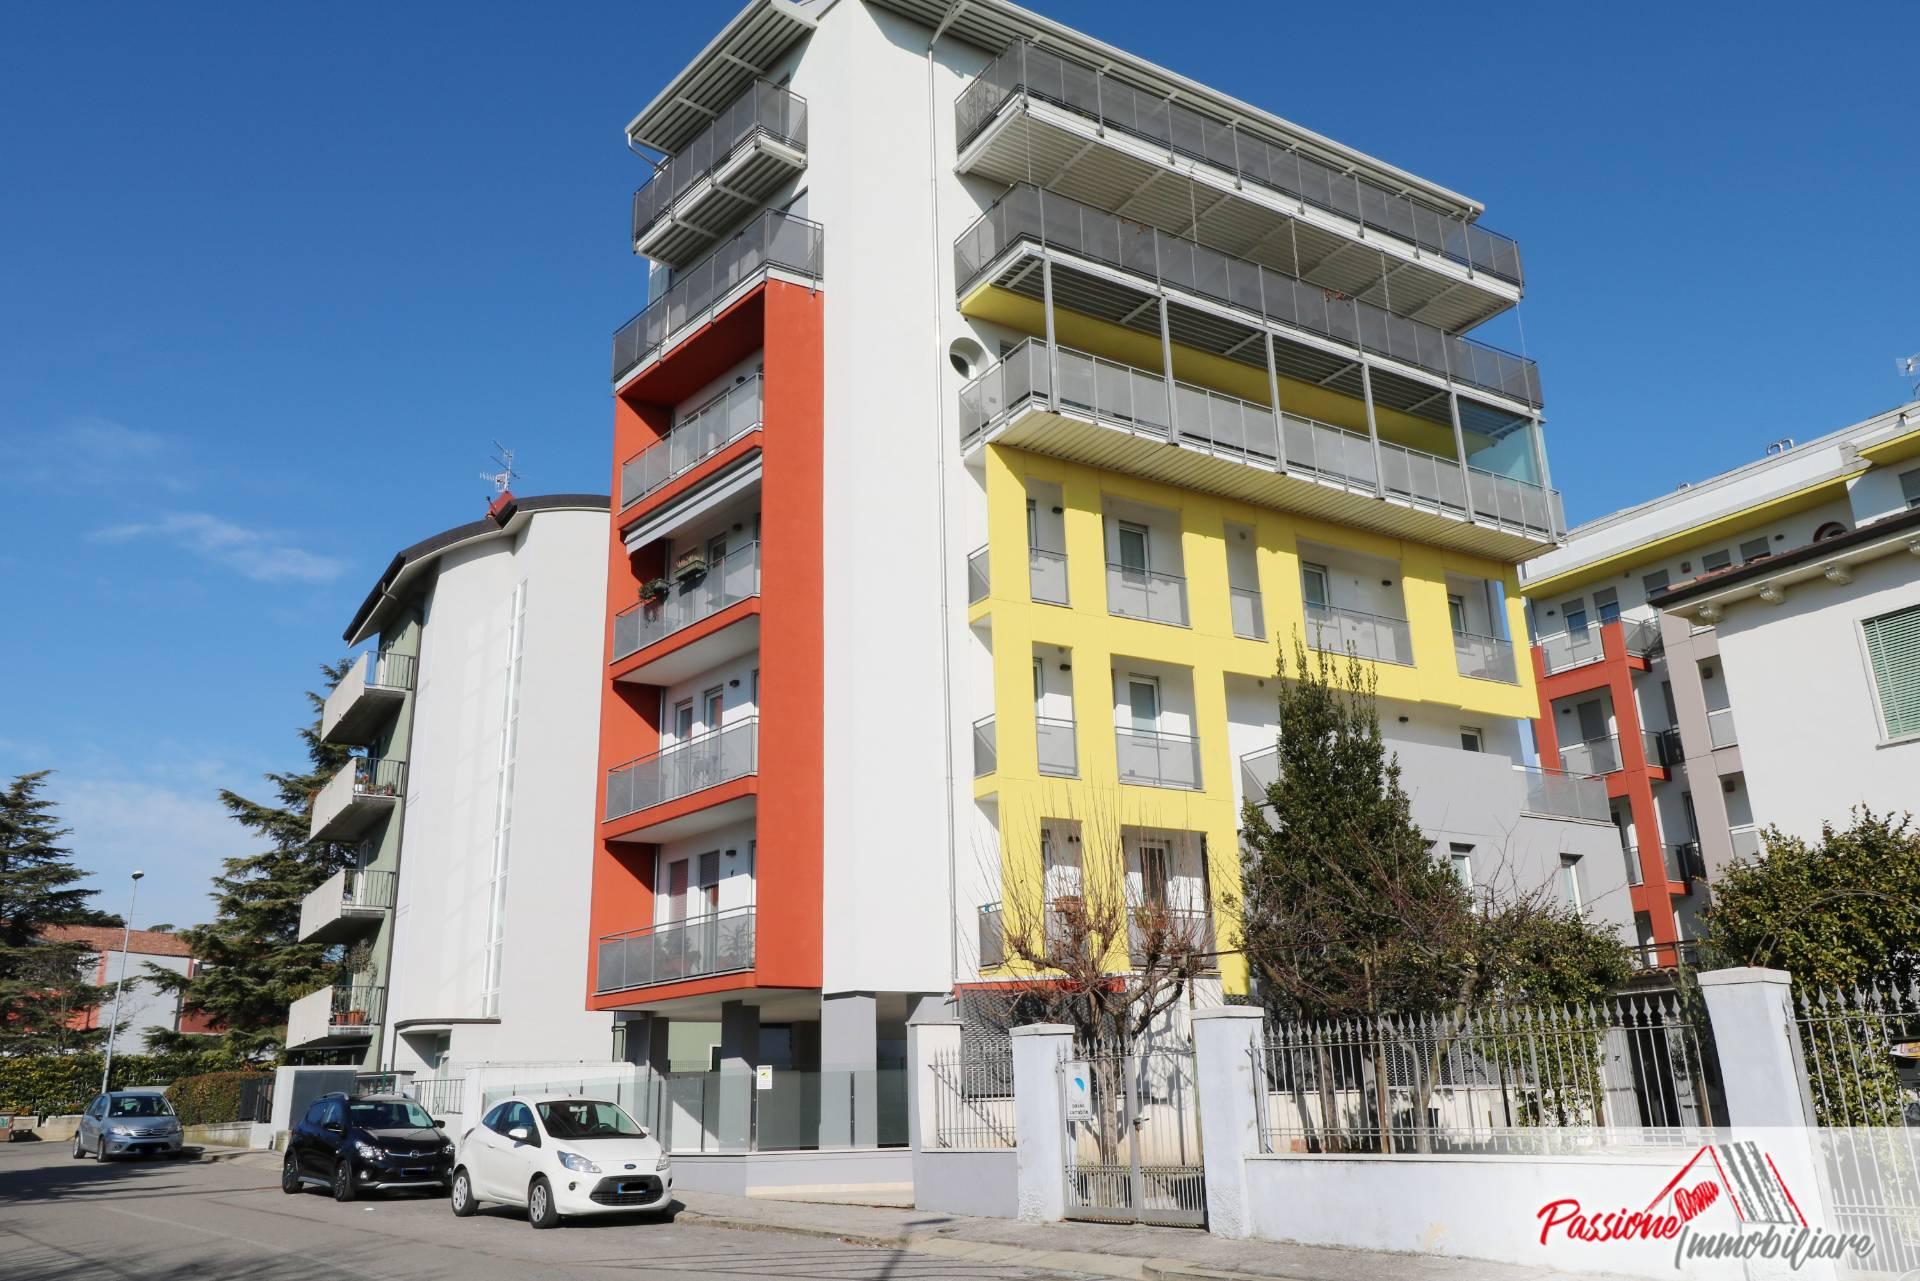 Appartamento in vendita a Verona, 3 locali, zona Località: PonteCrencano, prezzo € 215.000 | CambioCasa.it